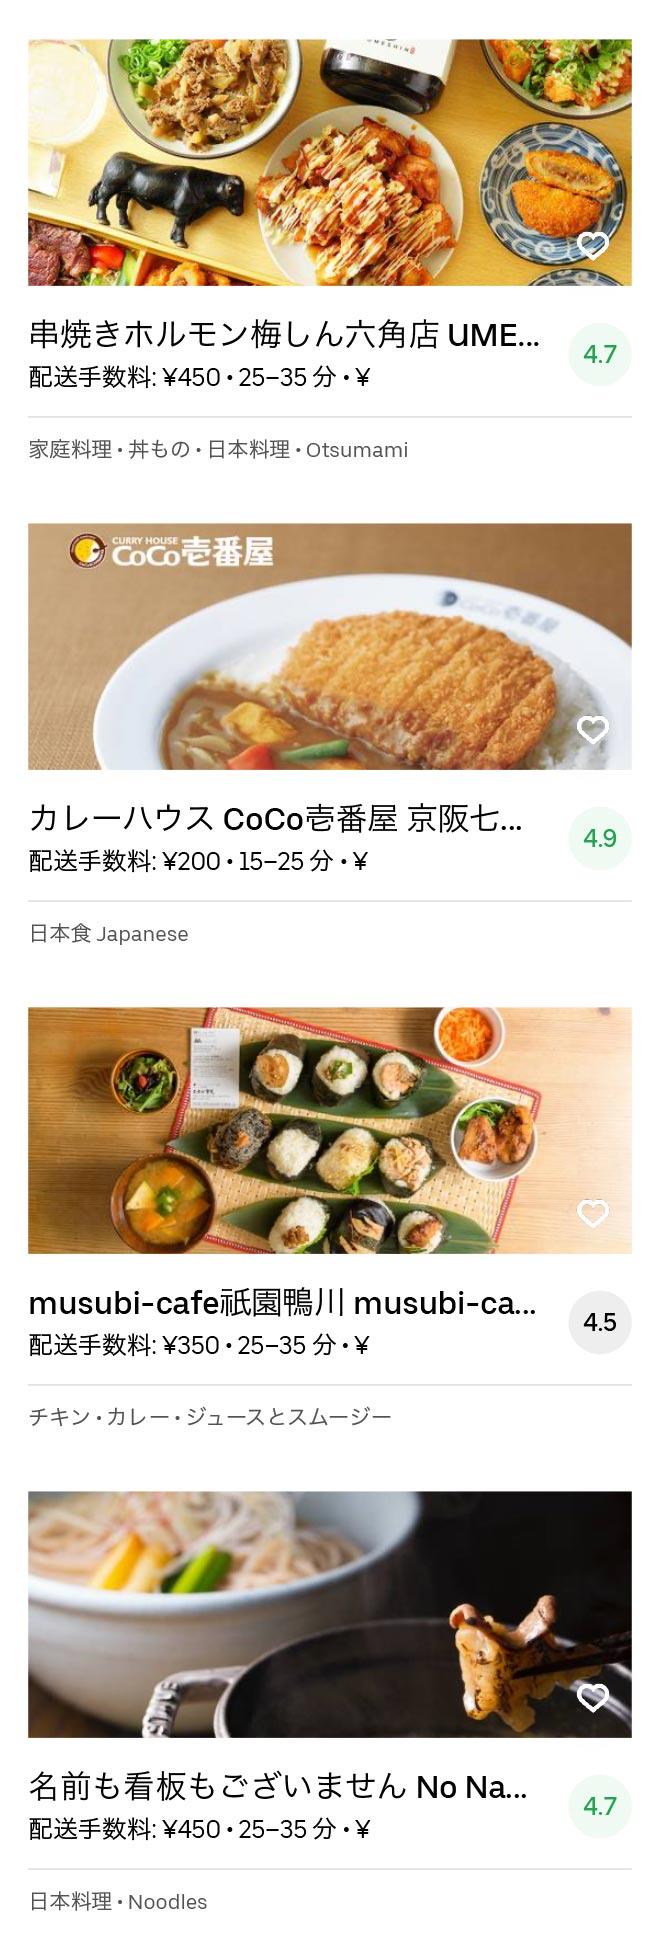 Kyoto fushimiinari menu 2005 08